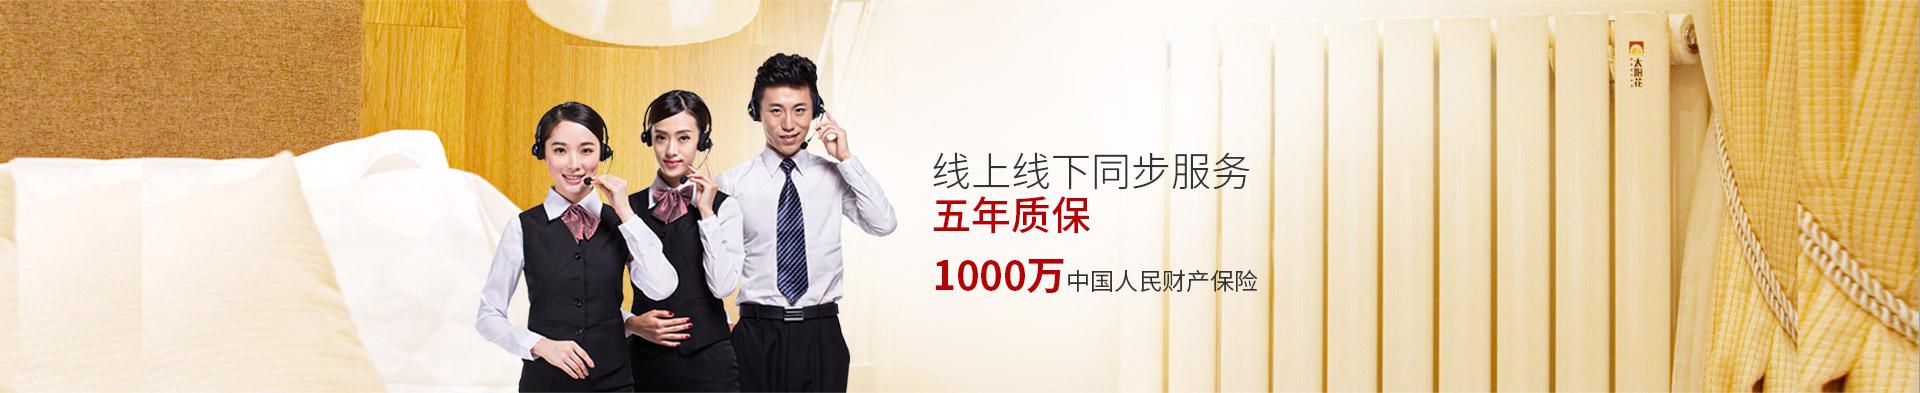 线上线下同步服务 五年质保 1000万中国人民财产保险